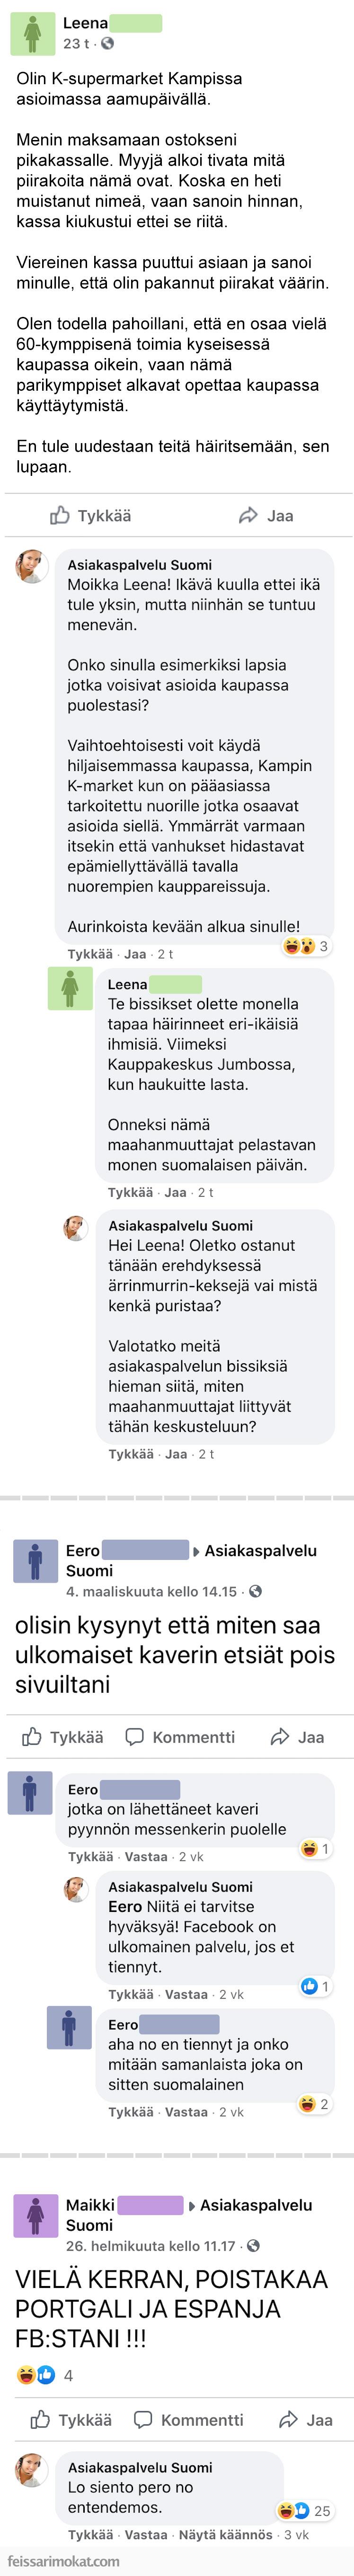 Asiakaspalvelu Suomi, osa 4